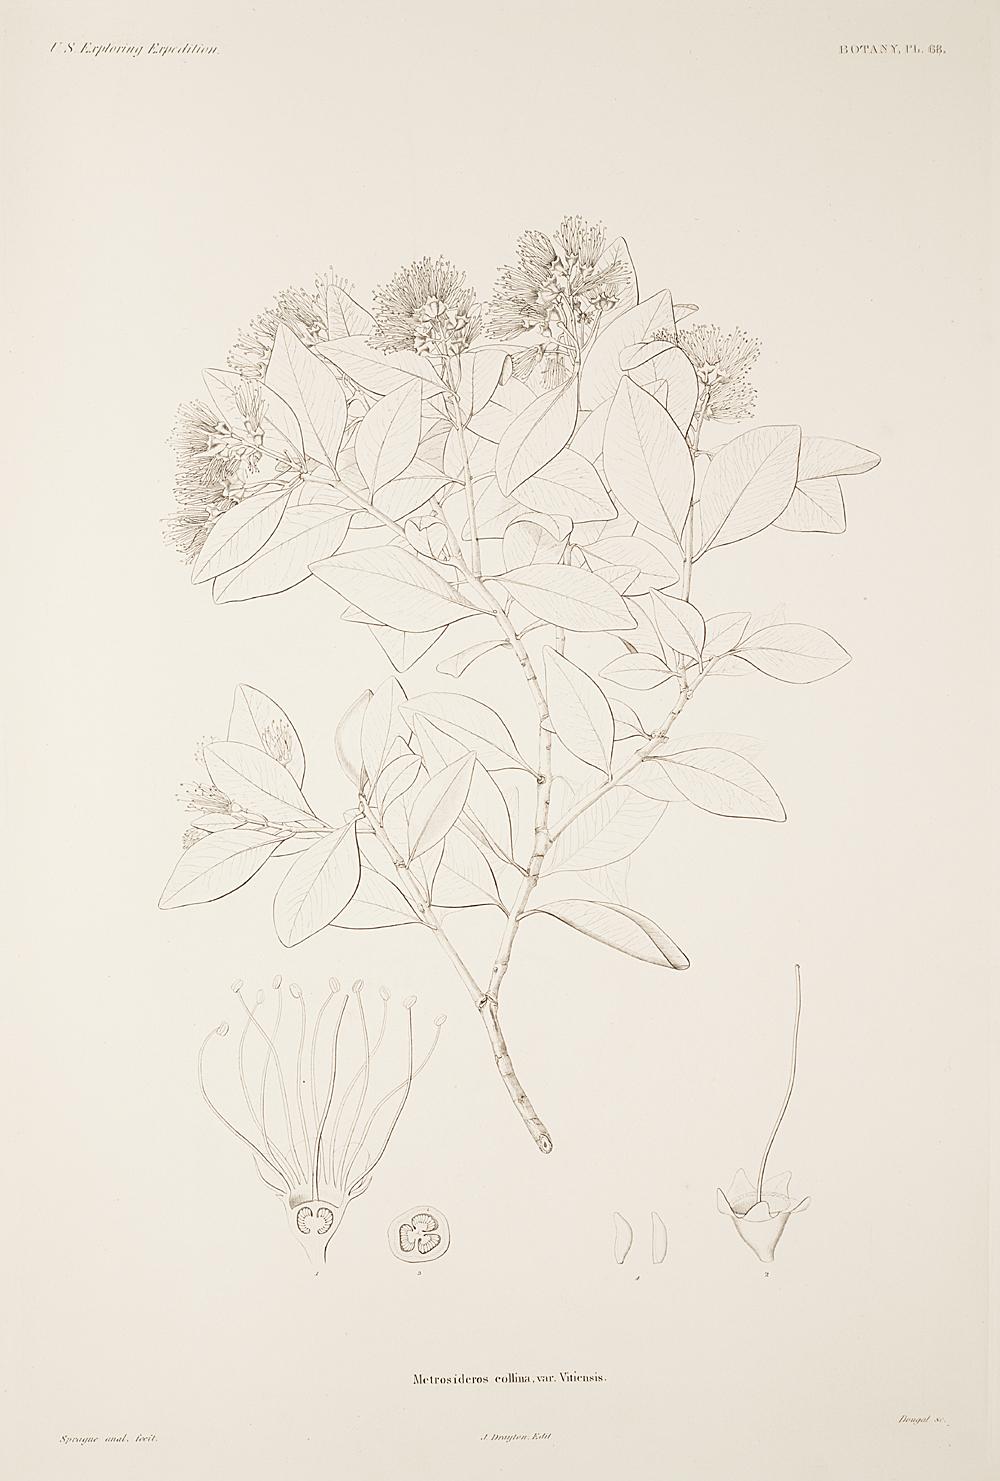 Botany, Pl. 68,  Image number:sil19-23-147b